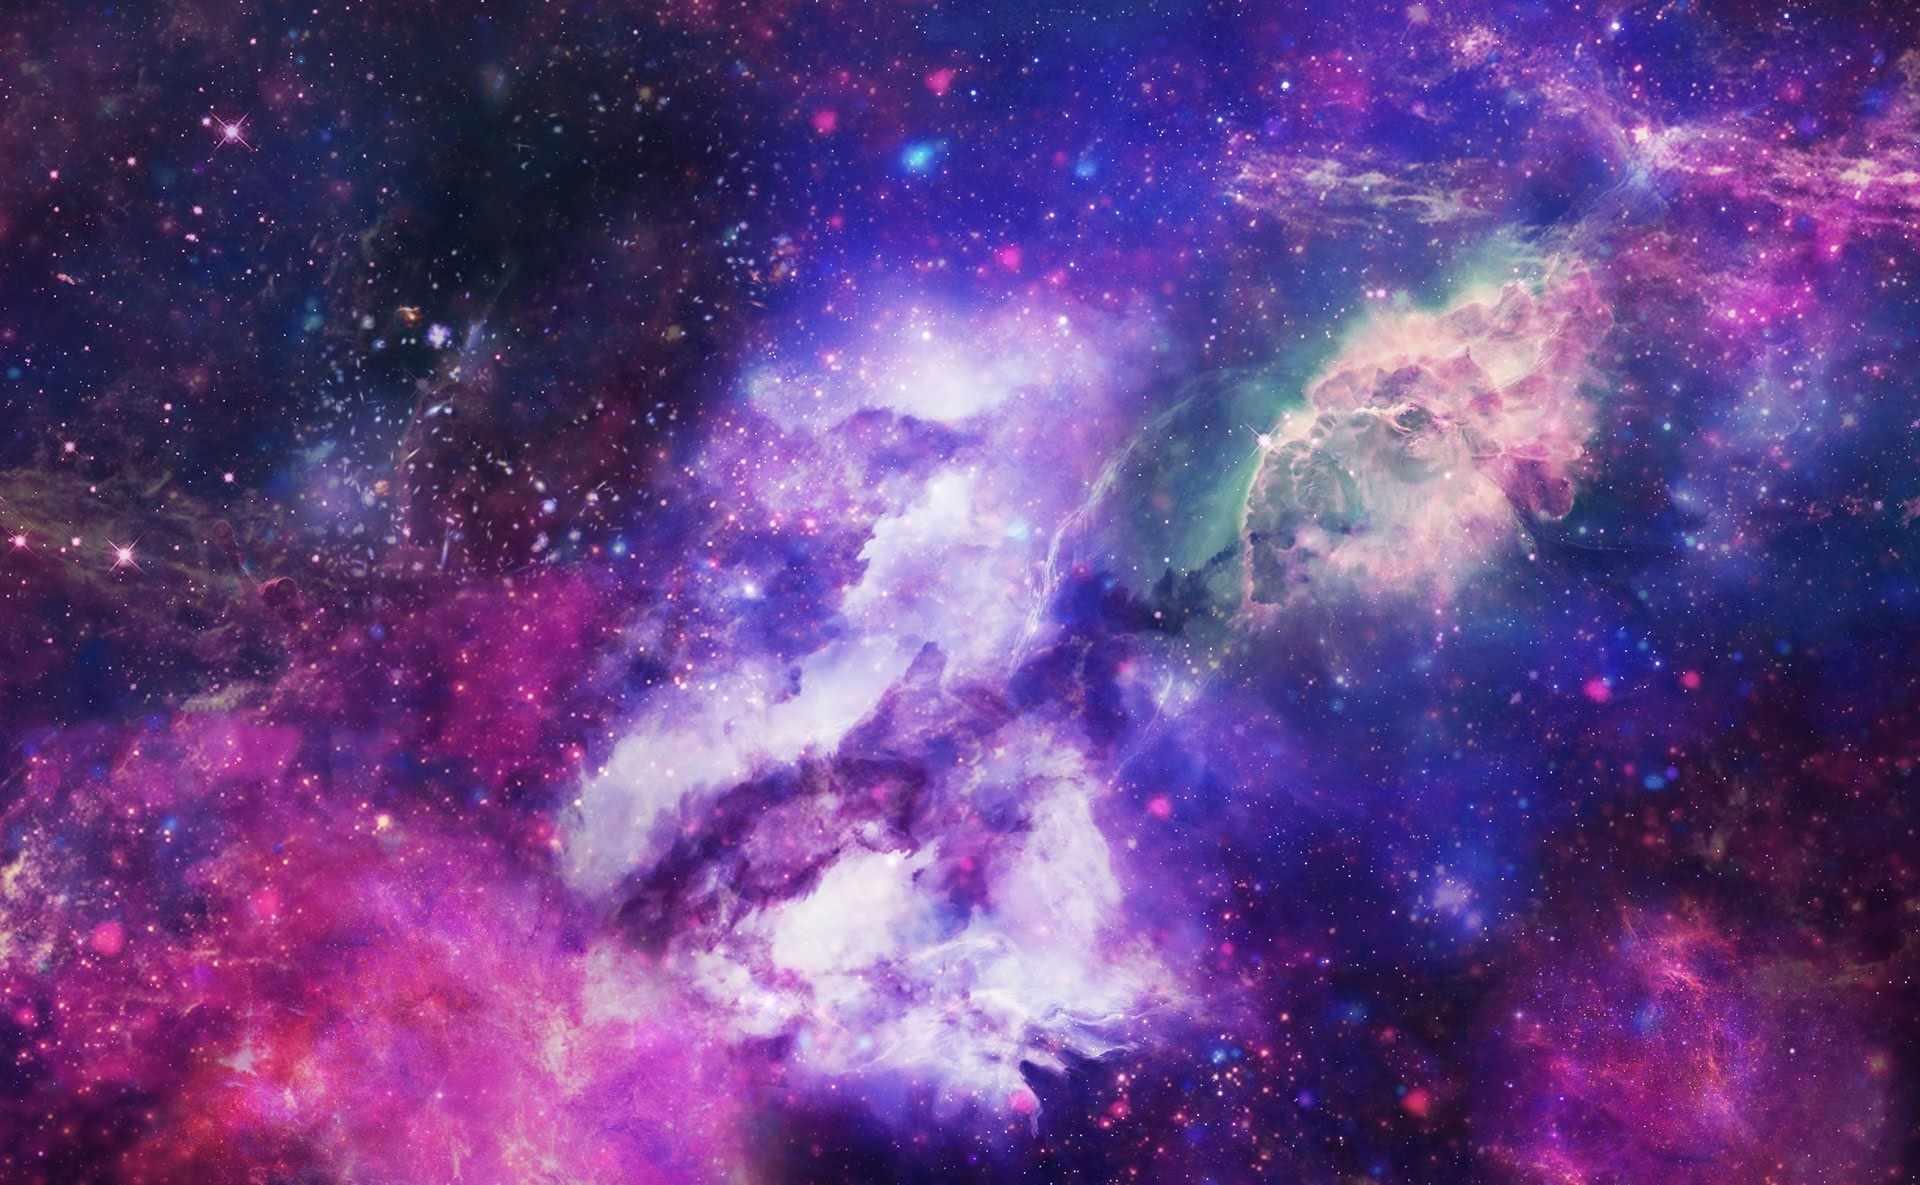 Скачать картинки космоса красивые для срисовки 01